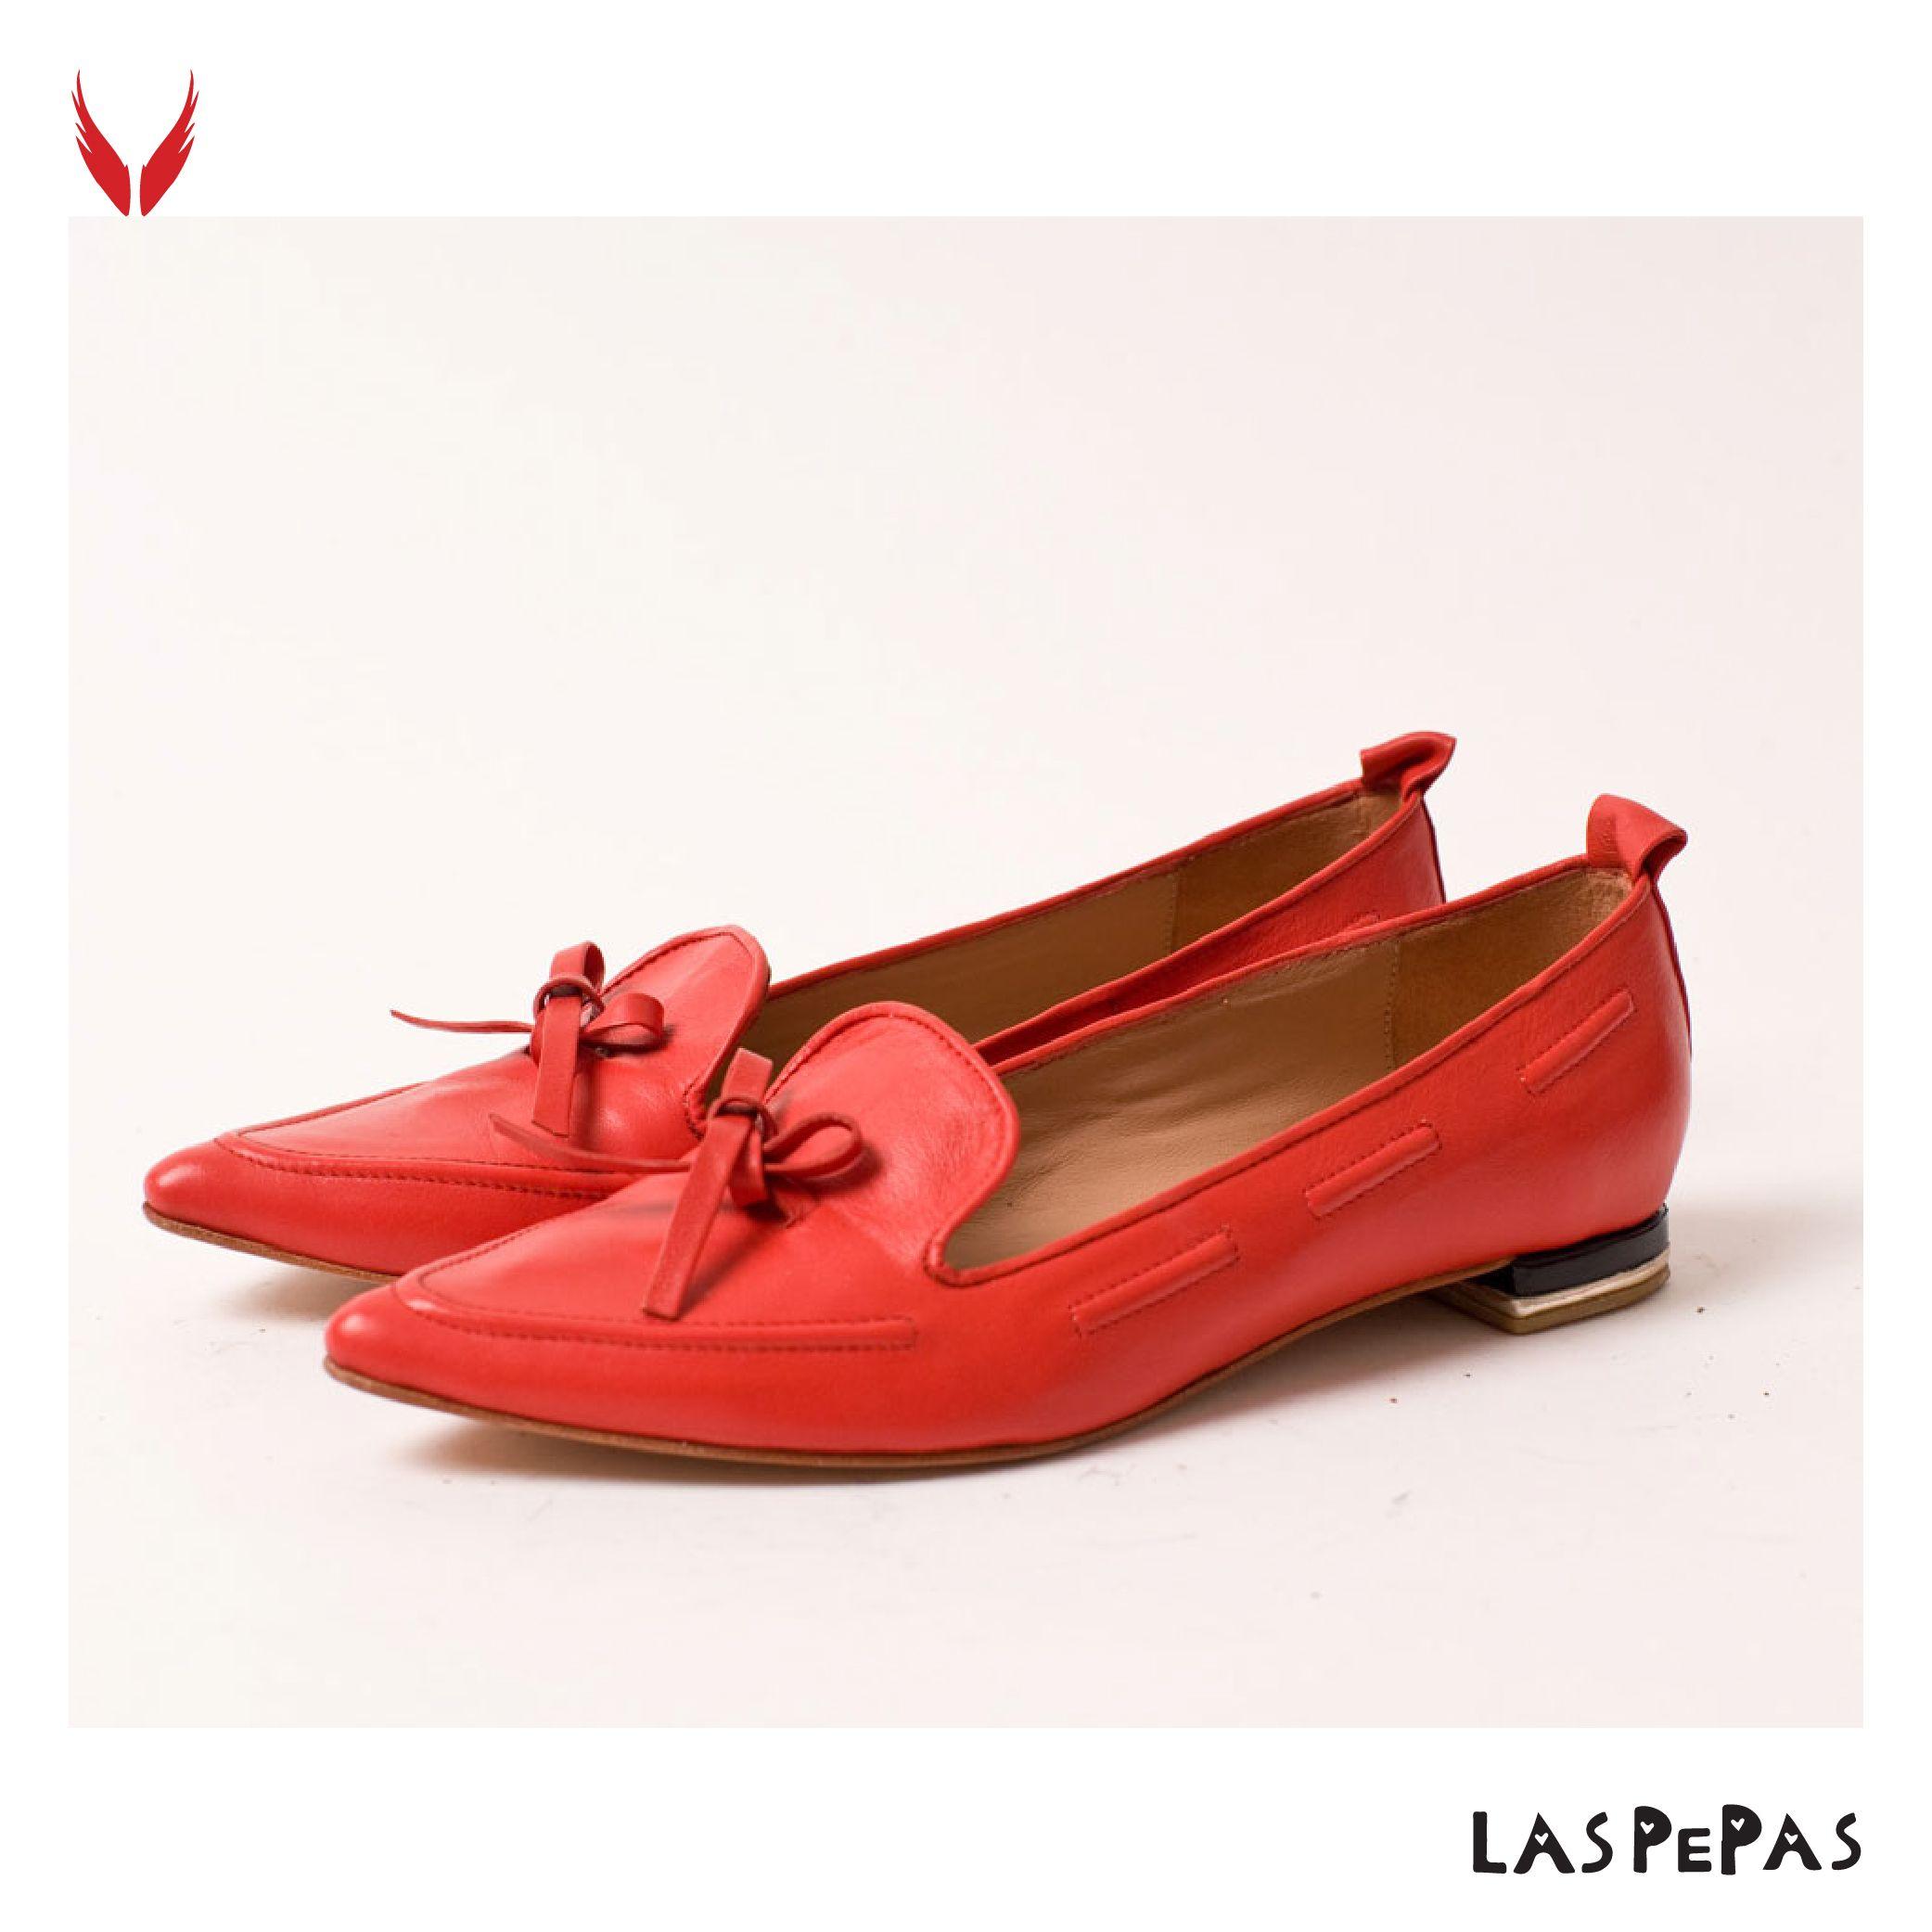 Zapatos rojos de Las Pepas